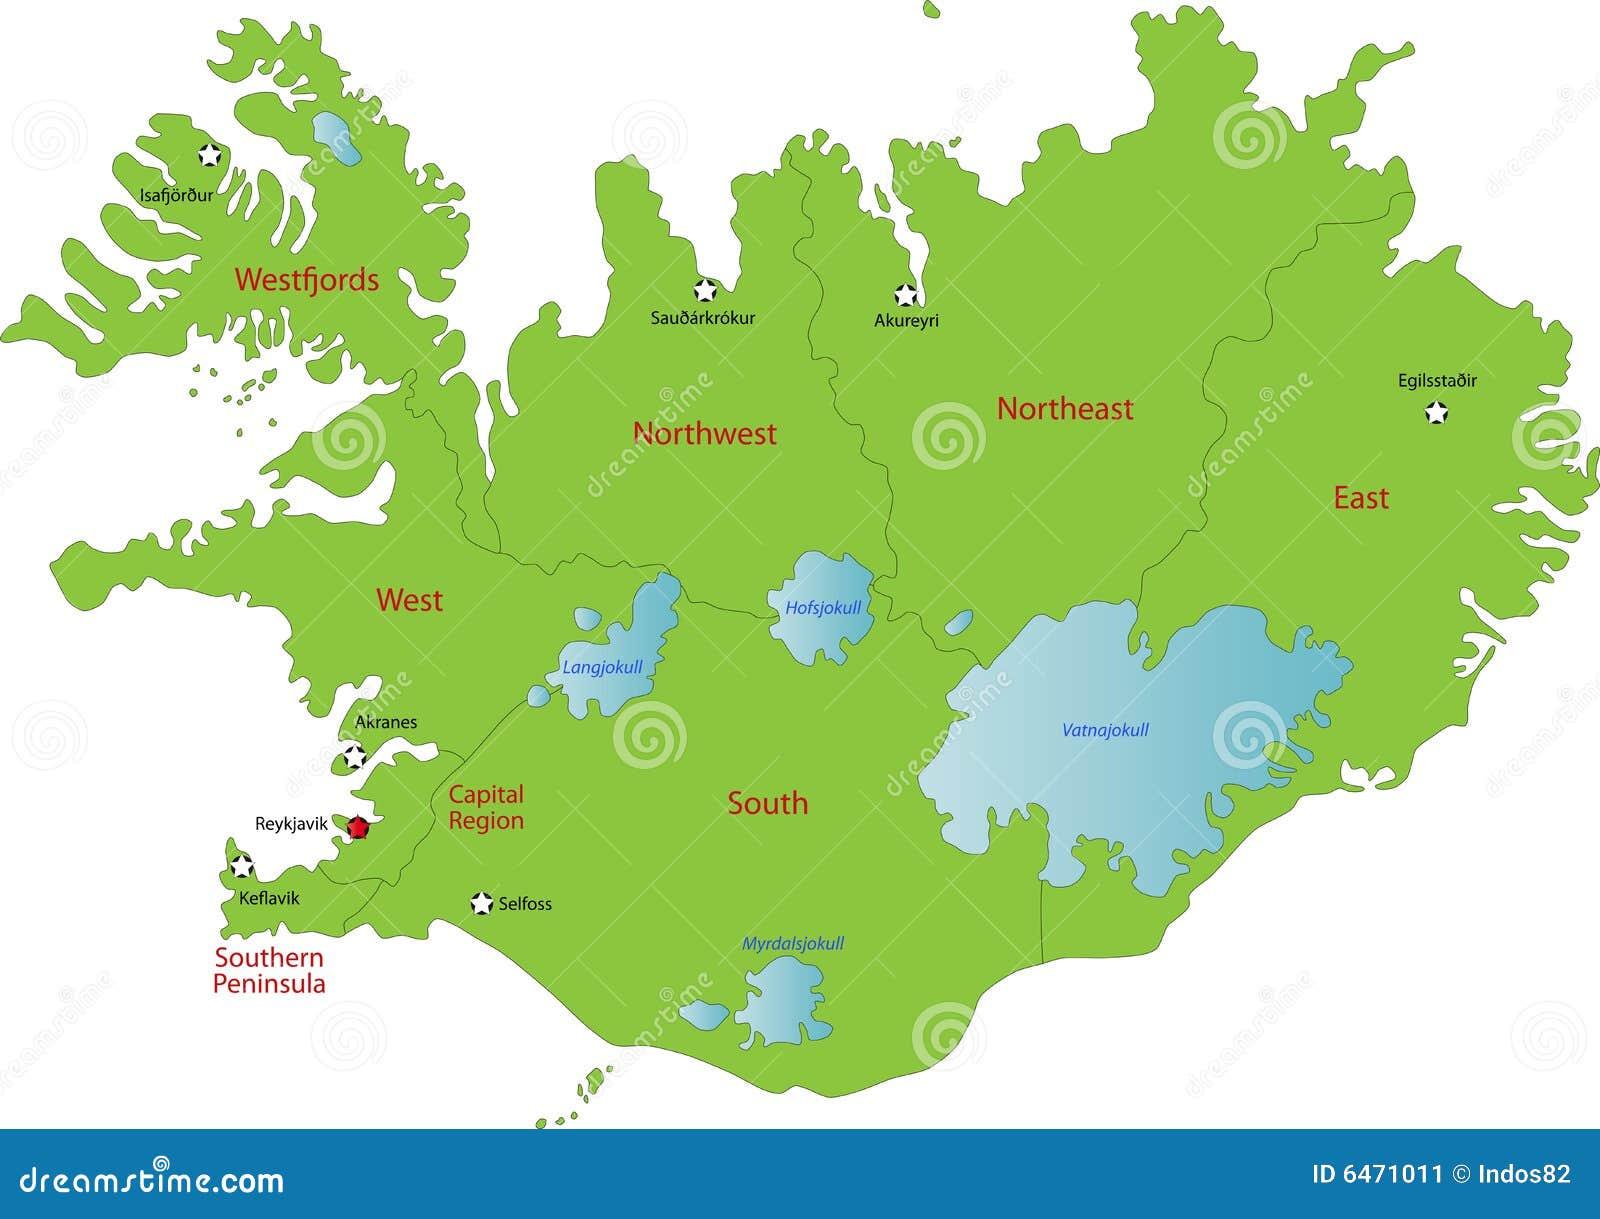 Dverghamrar Islande Map